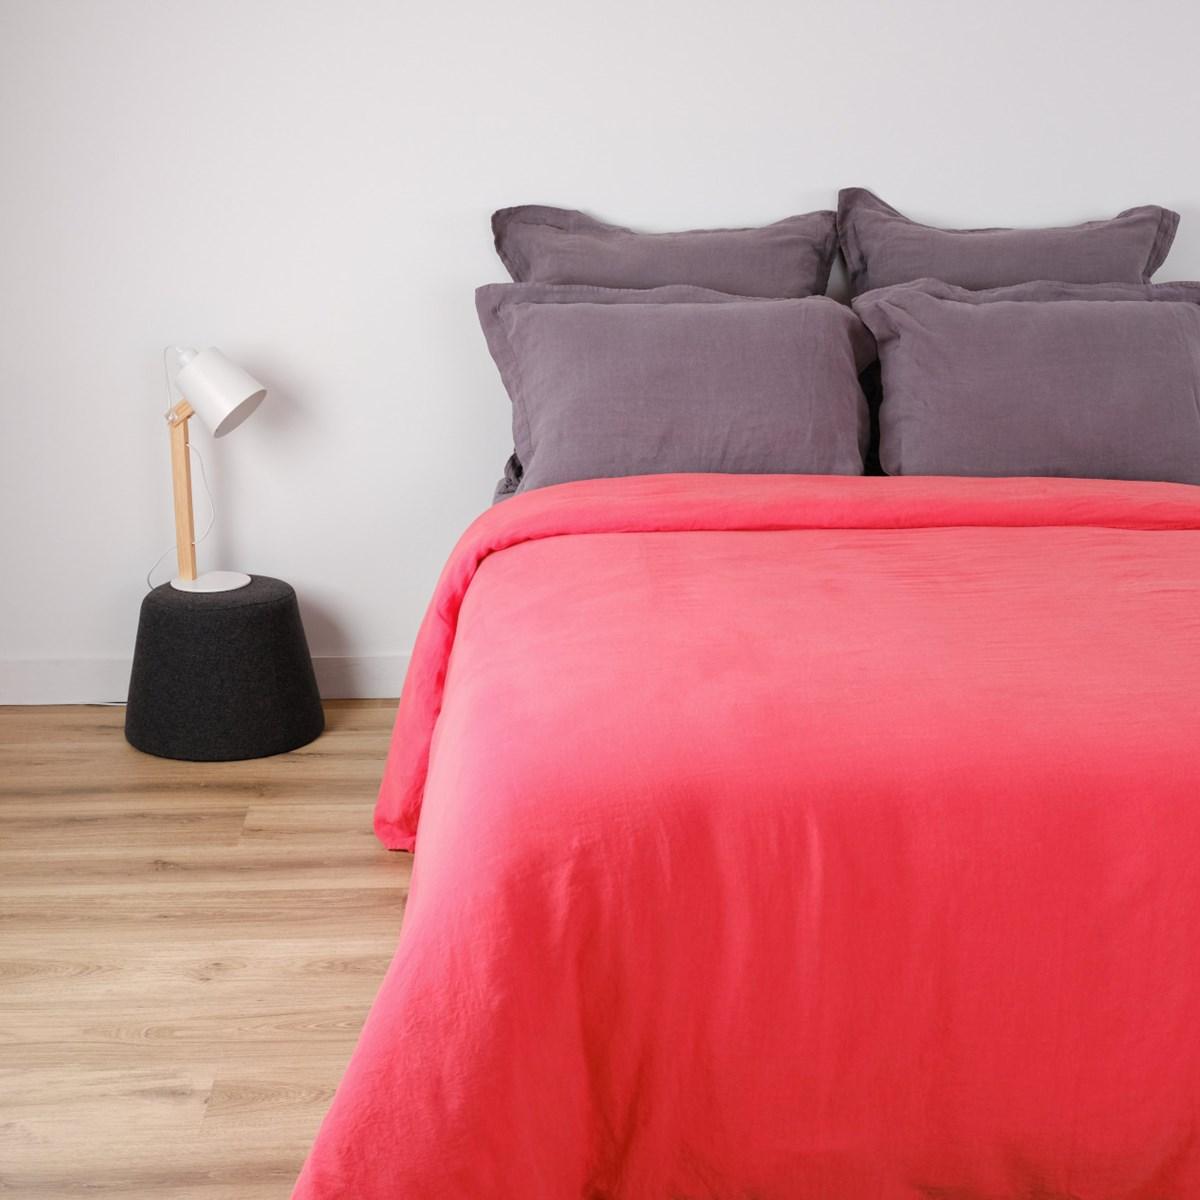 Housse de couette naturelle en lin rouge 160x200 cm